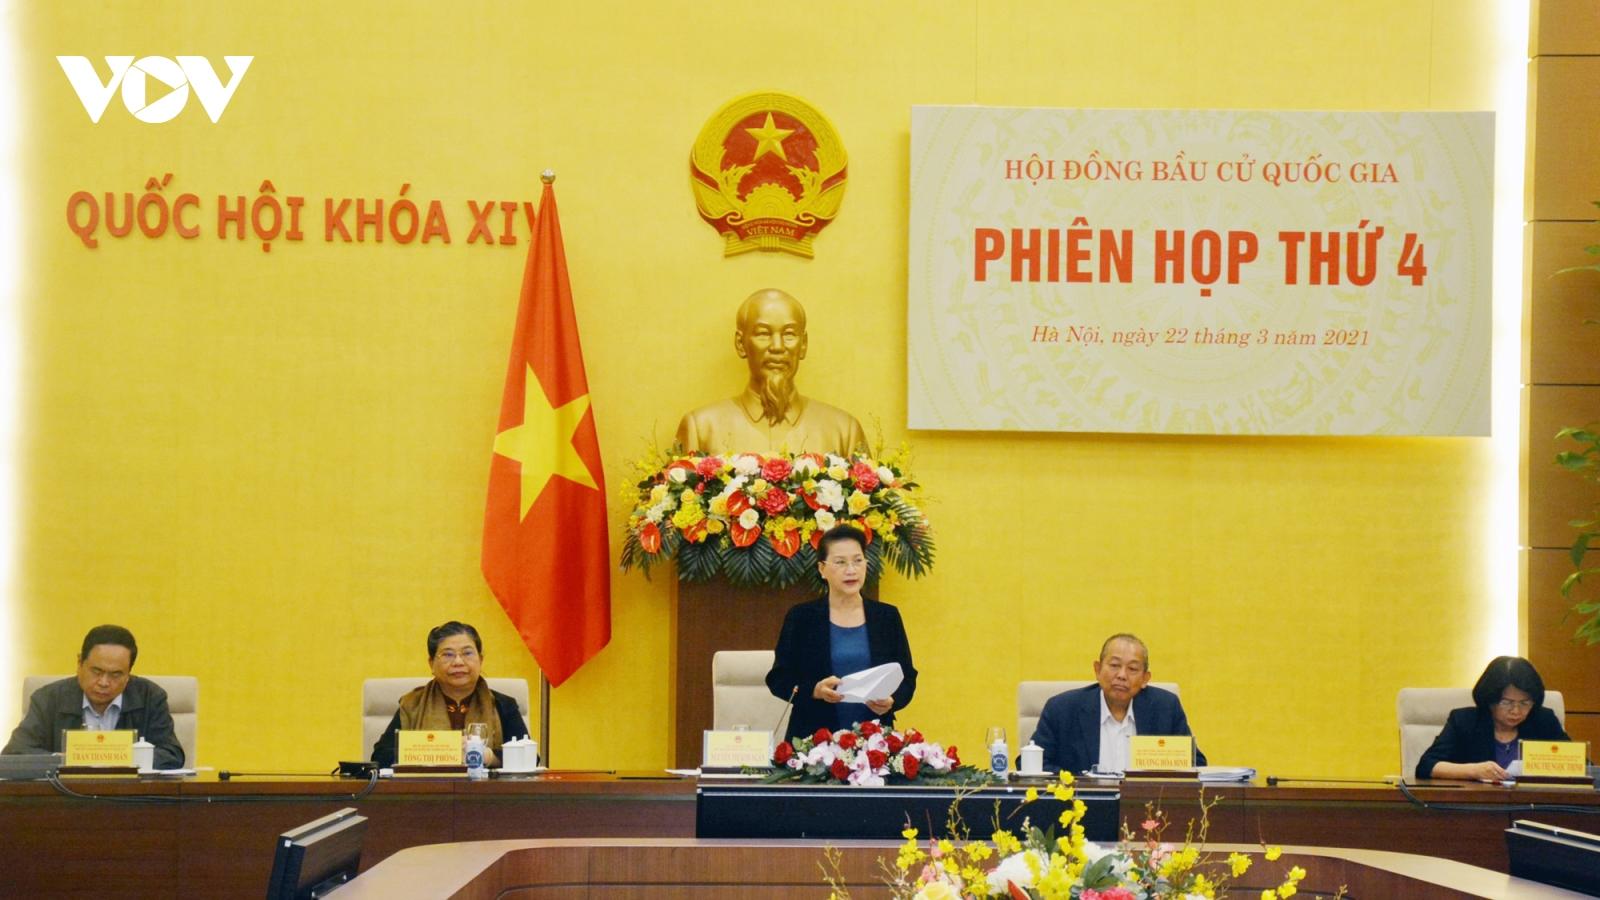 Hội đồng Bầu cử quốc gia nhận được 1.136 hồ sơ ứng cử đại biểu Quốc hội khóa XV